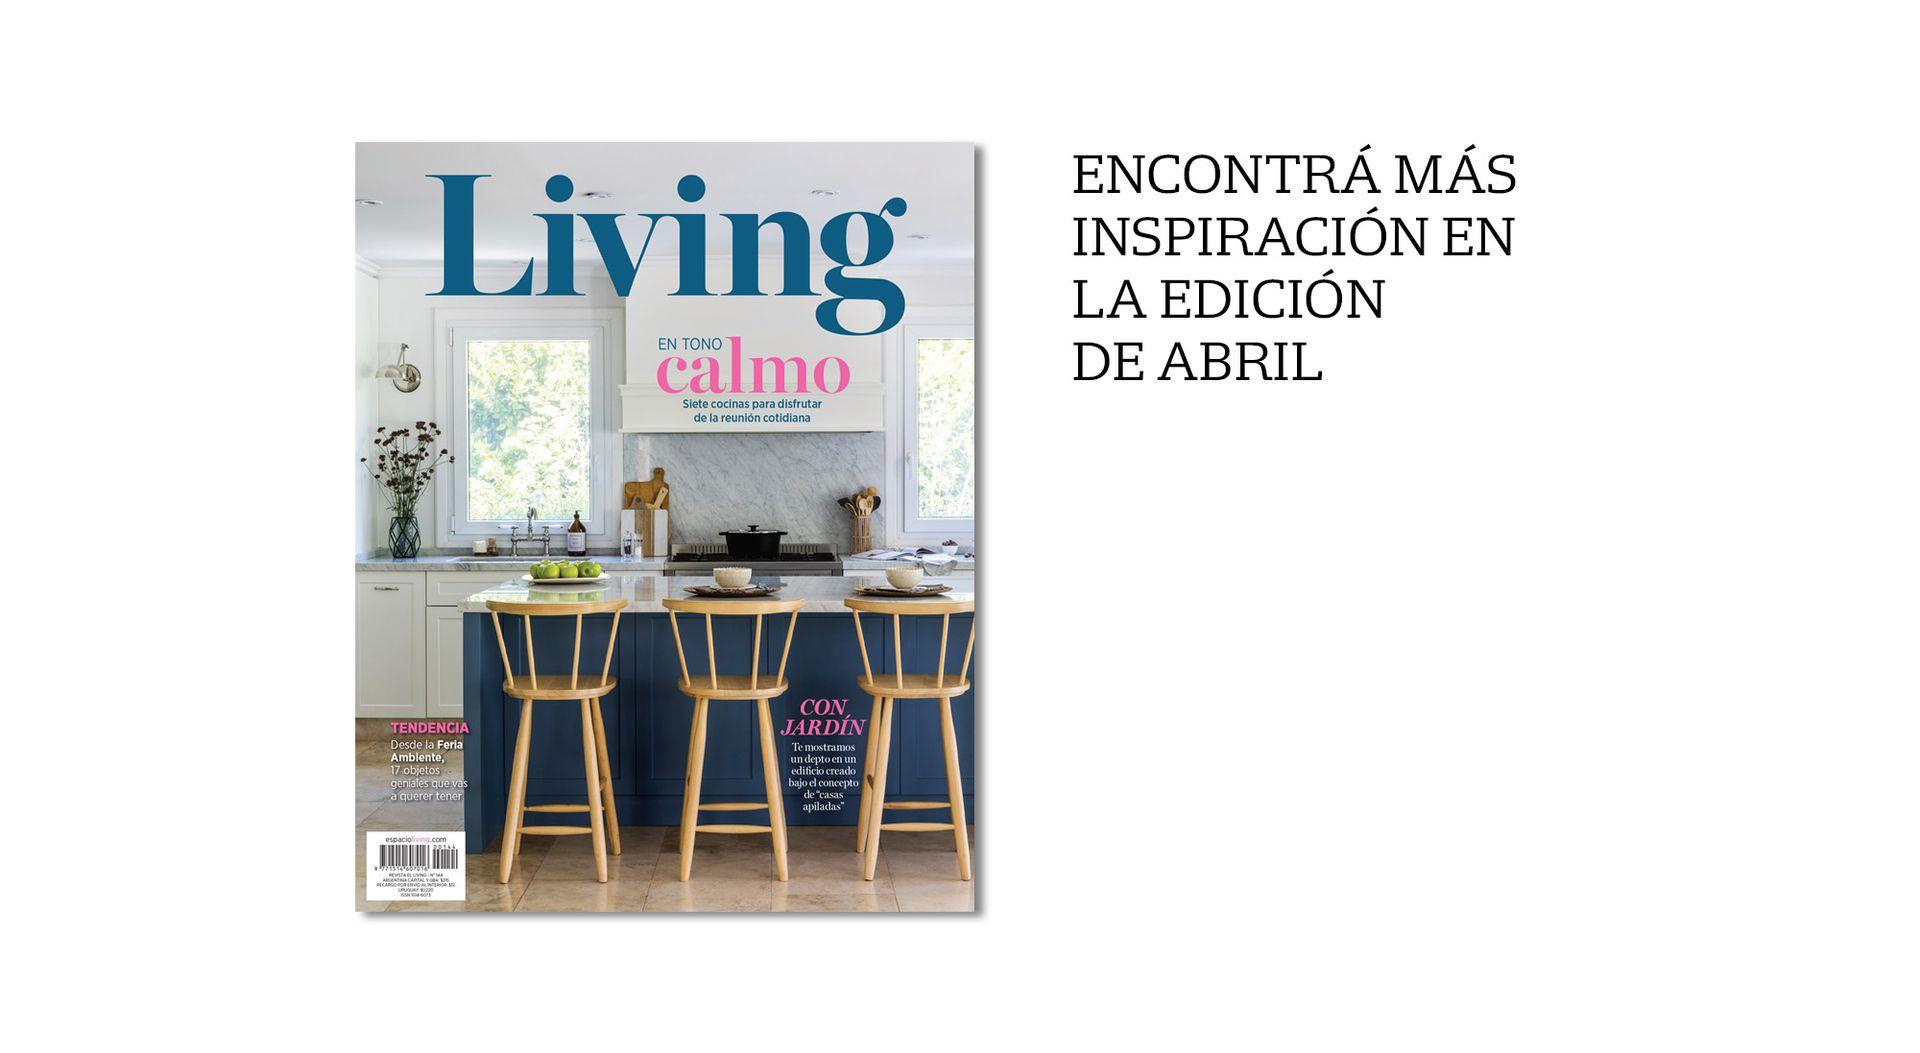 Suscribite a Living en miclub.lanacion.com.ar o llamando al 5199-4700.